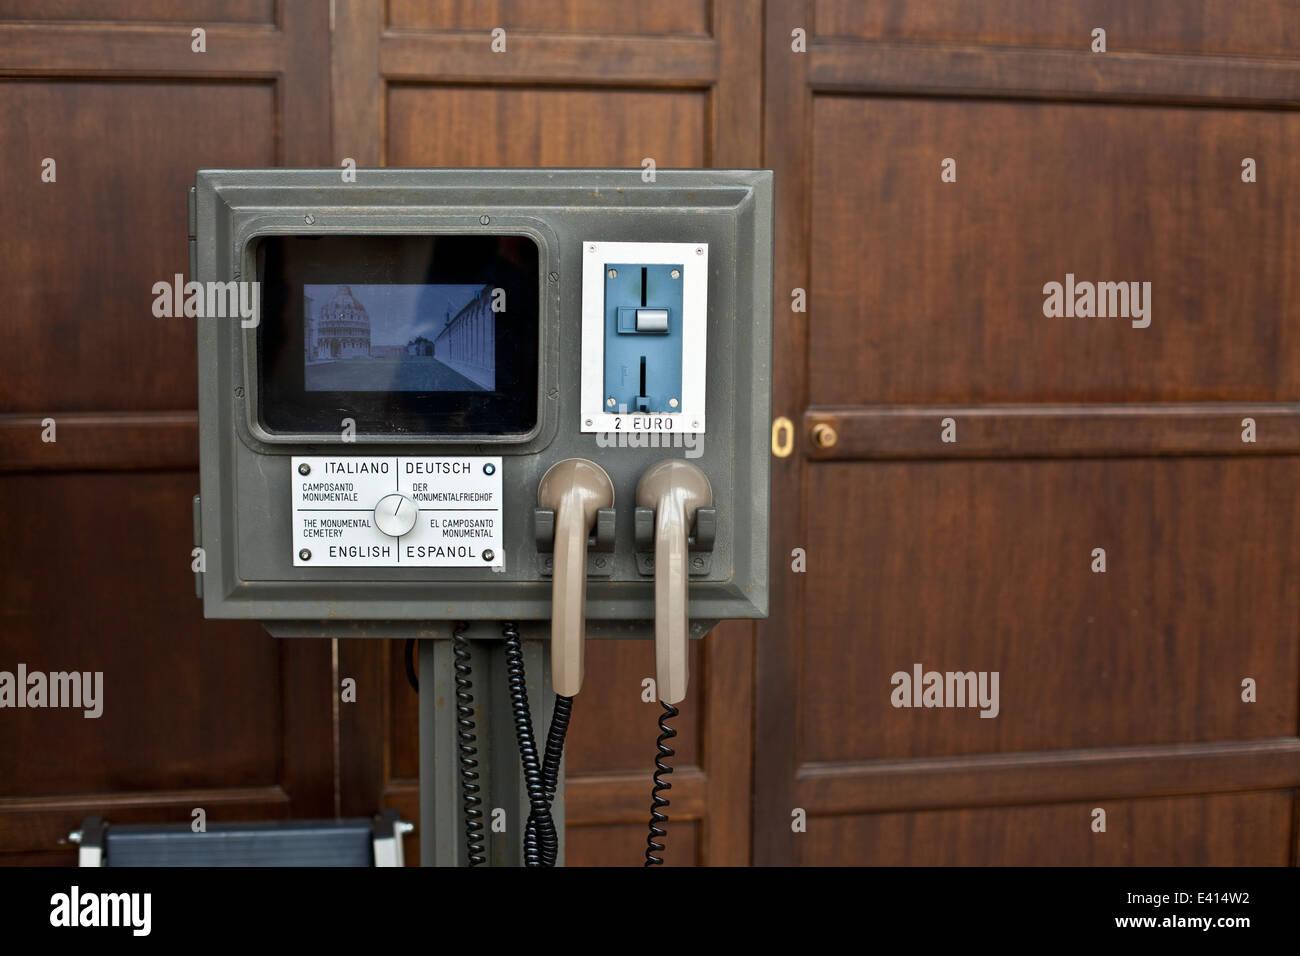 Italy, Tuscany, Pisa, translation appliance - Stock Image